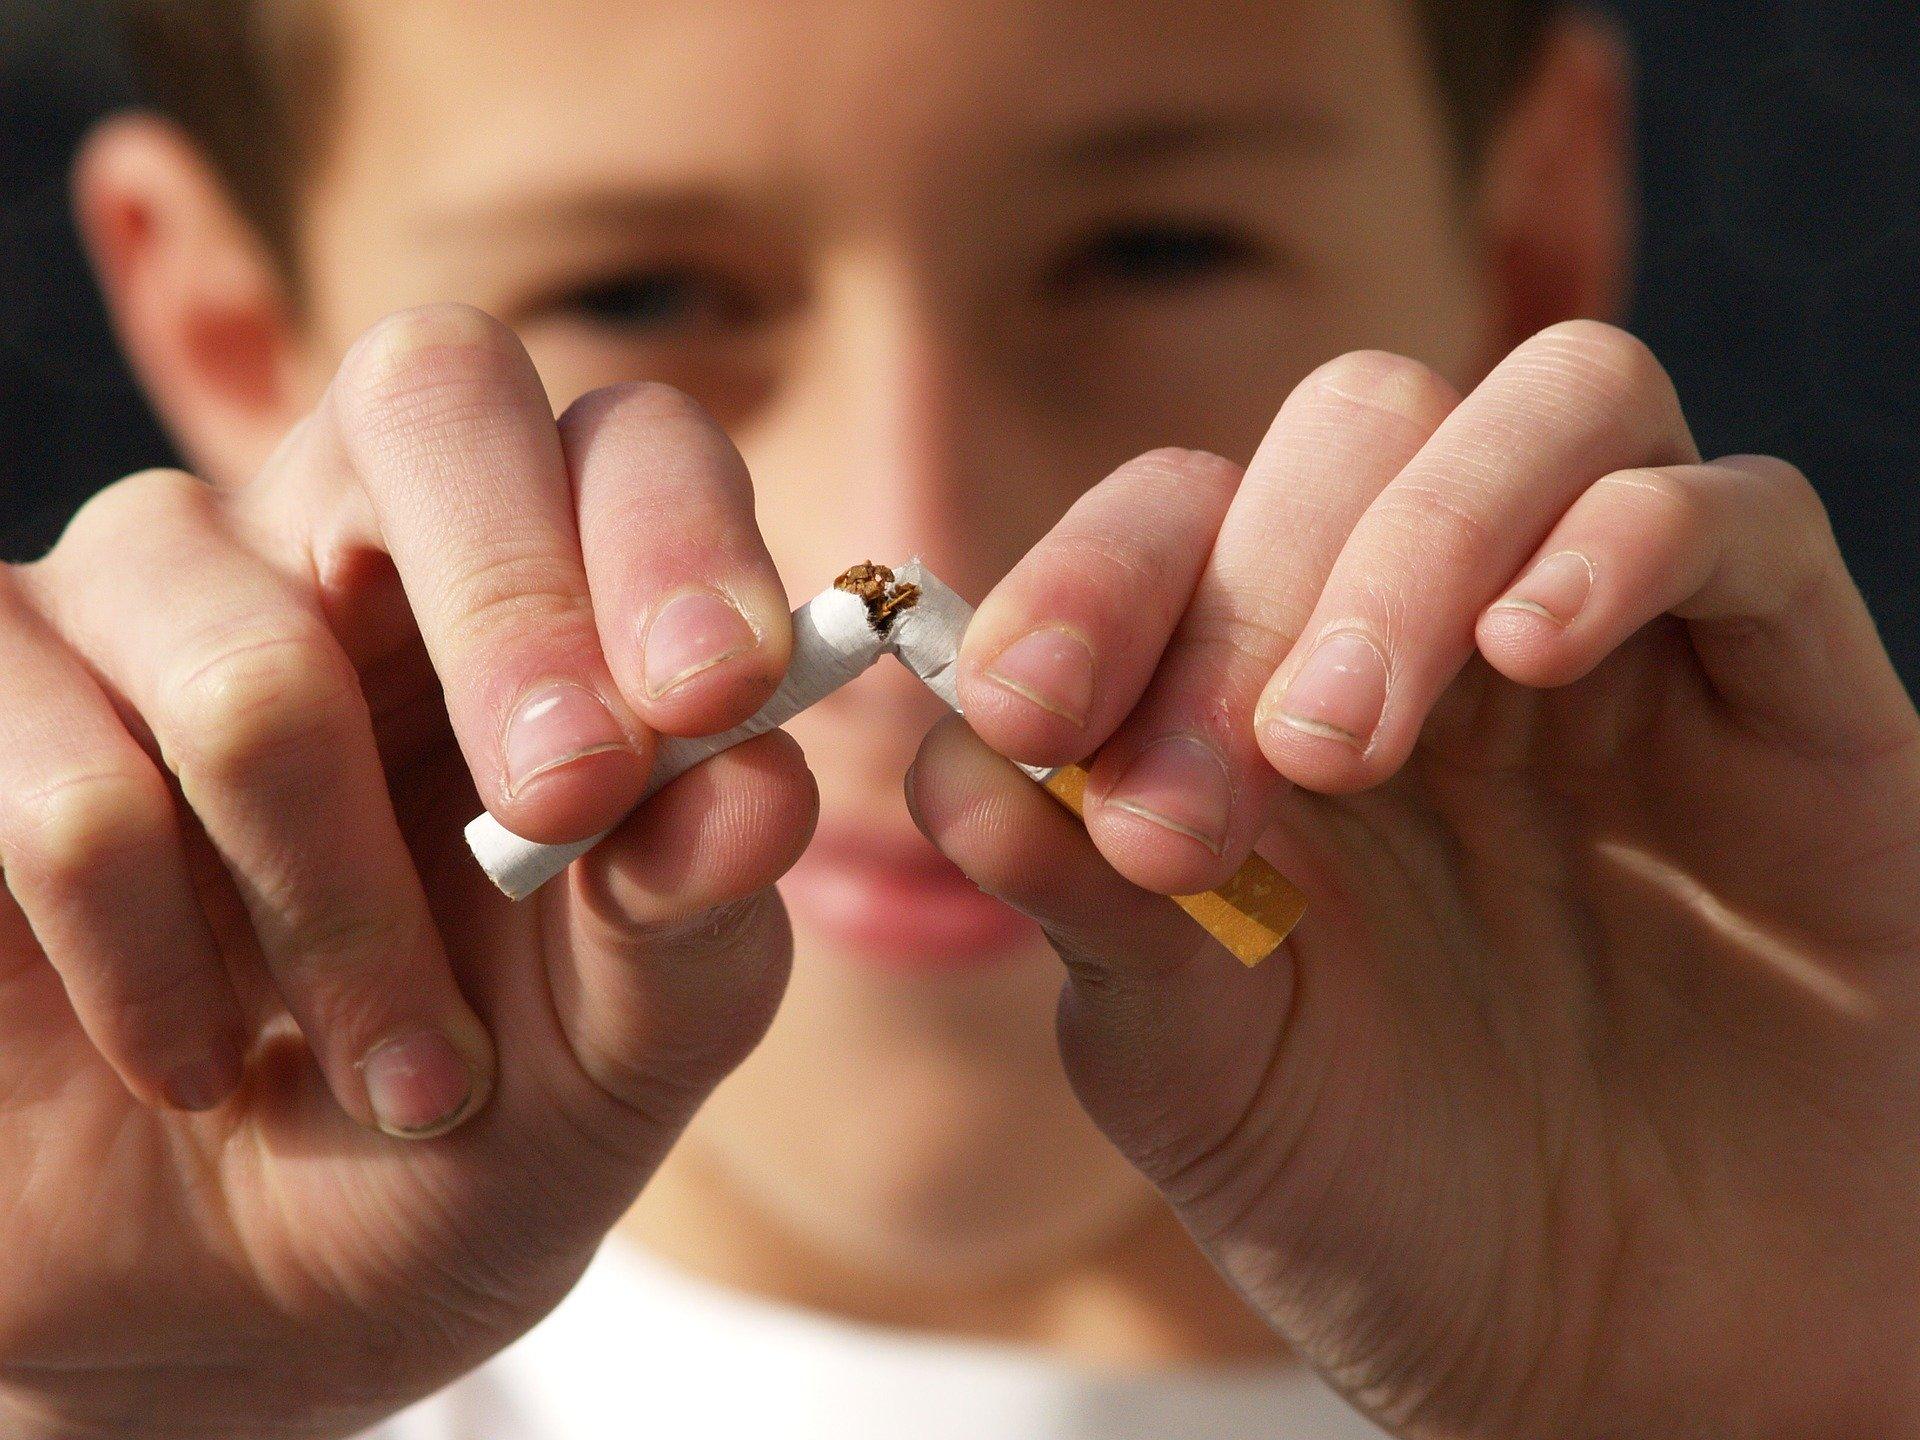 14 veces de probabilidades de muerte, si tiene coronavirus y fuma